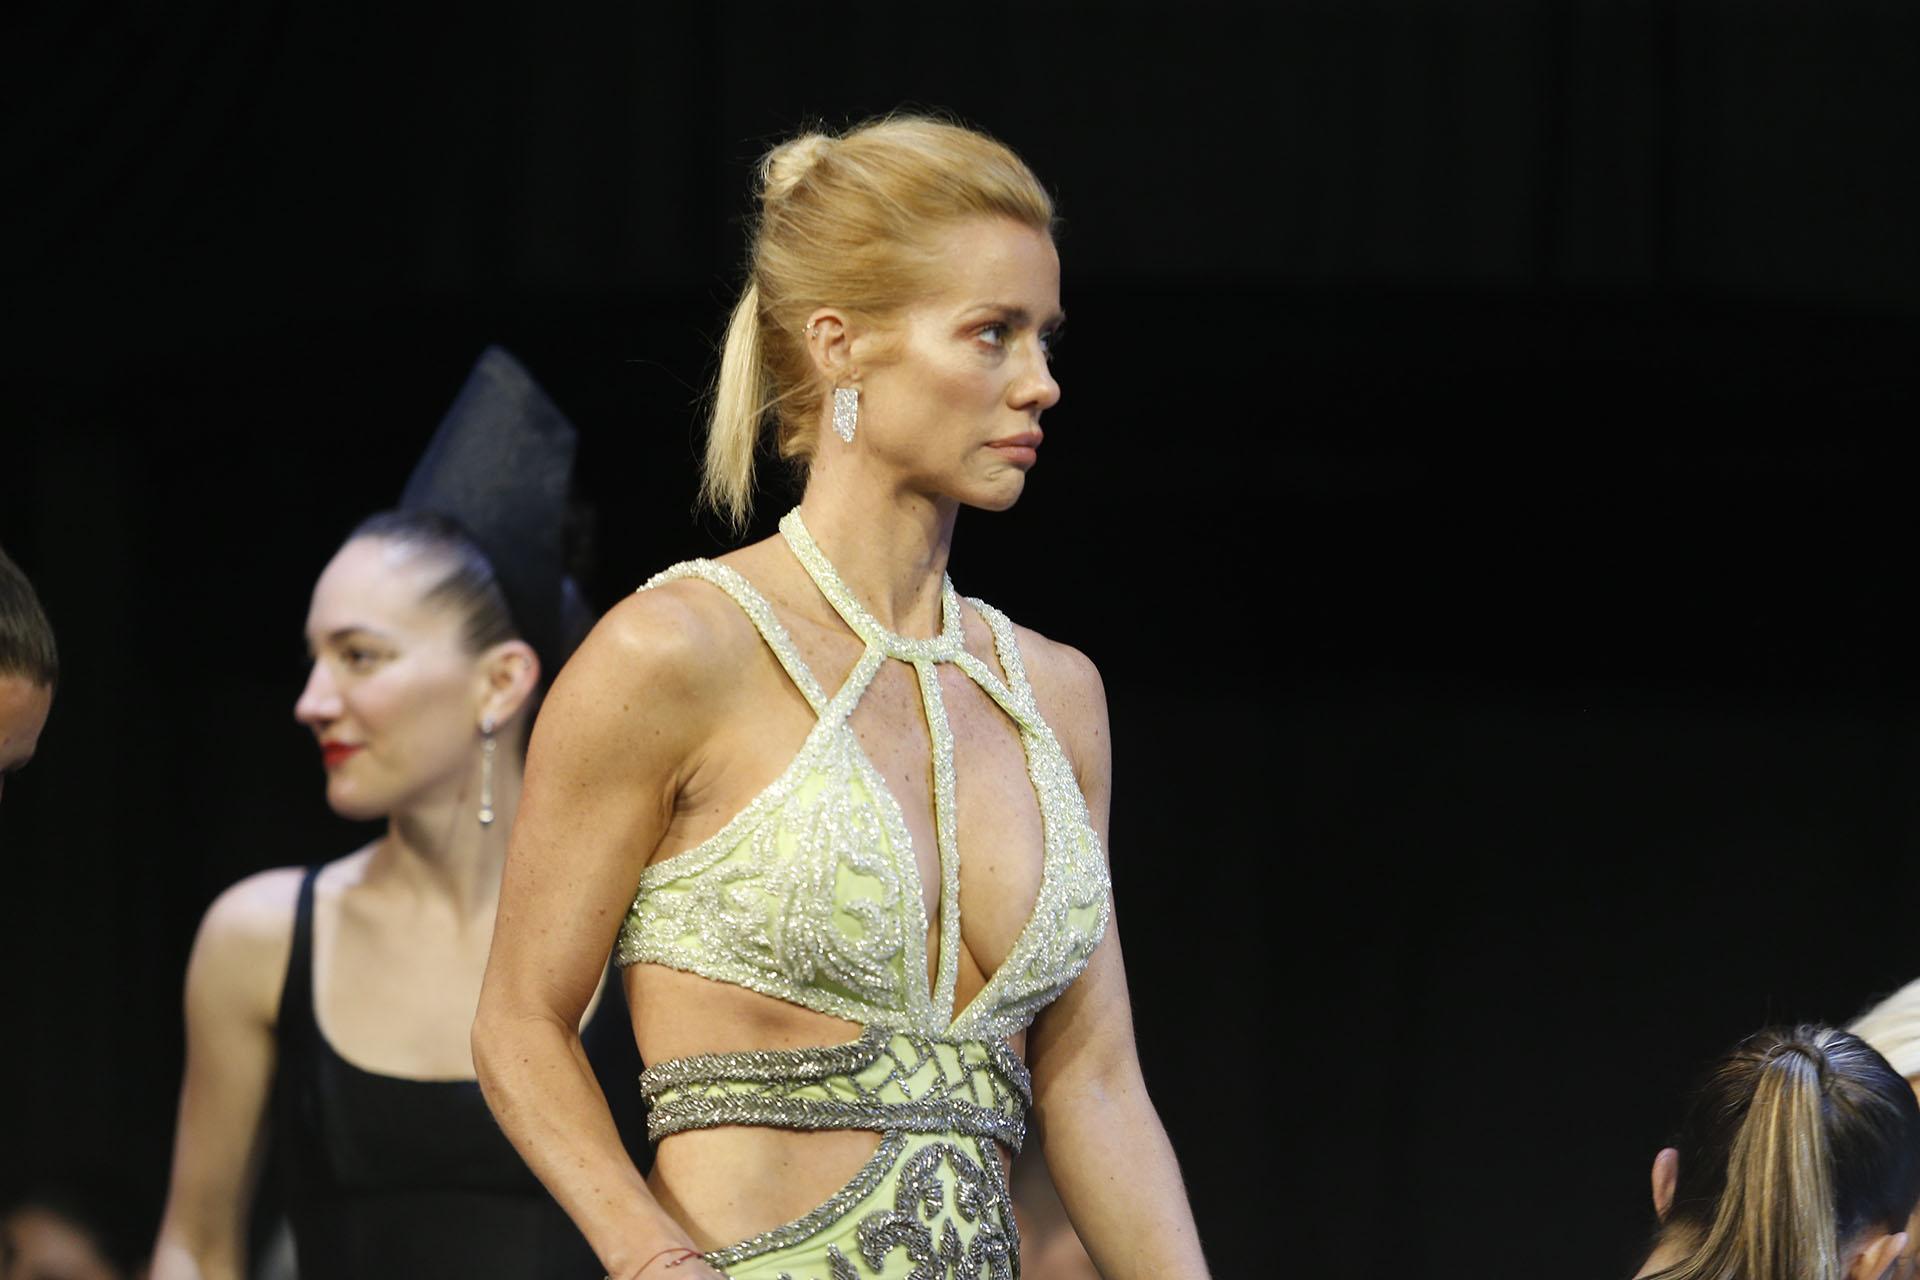 Nicole Neumann se llevó todas las miradas de la noche con el vestido del diseñador Laurencio Adot